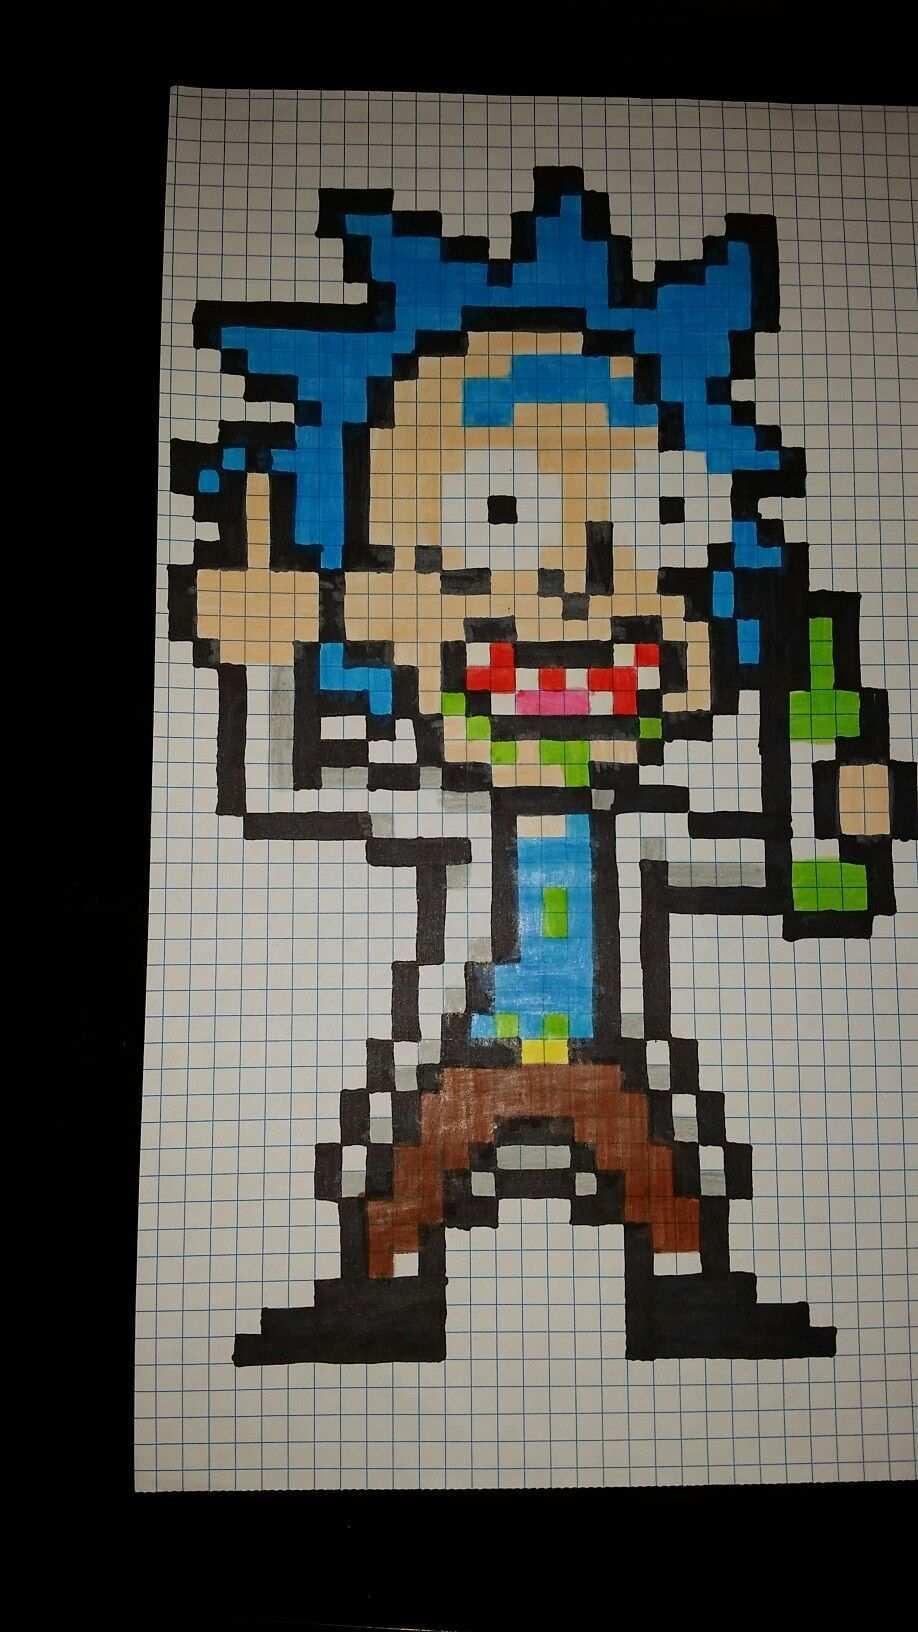 Rick Pixel Art Graph Paper Drawings Anime Drawings Sketches Graph Paper Art Easy Drawings Minecraft Drawings M Pixel Art Anime Pixel Art Pixel Art Pattern